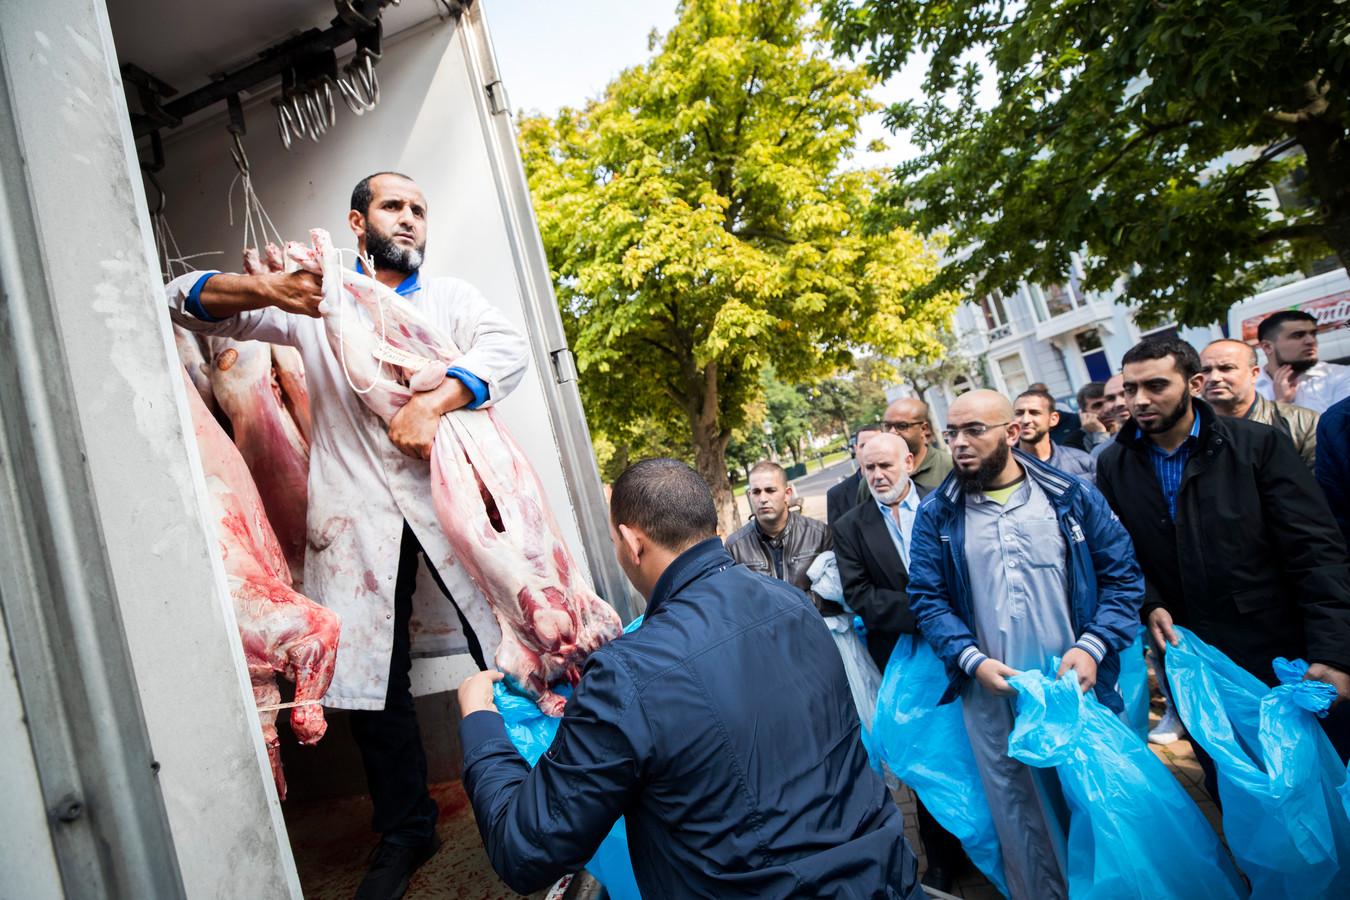 Klanten halen lamsvlees bij islamitische slagerij Rif in Den Haag tijdens het offerfeest in 2017.